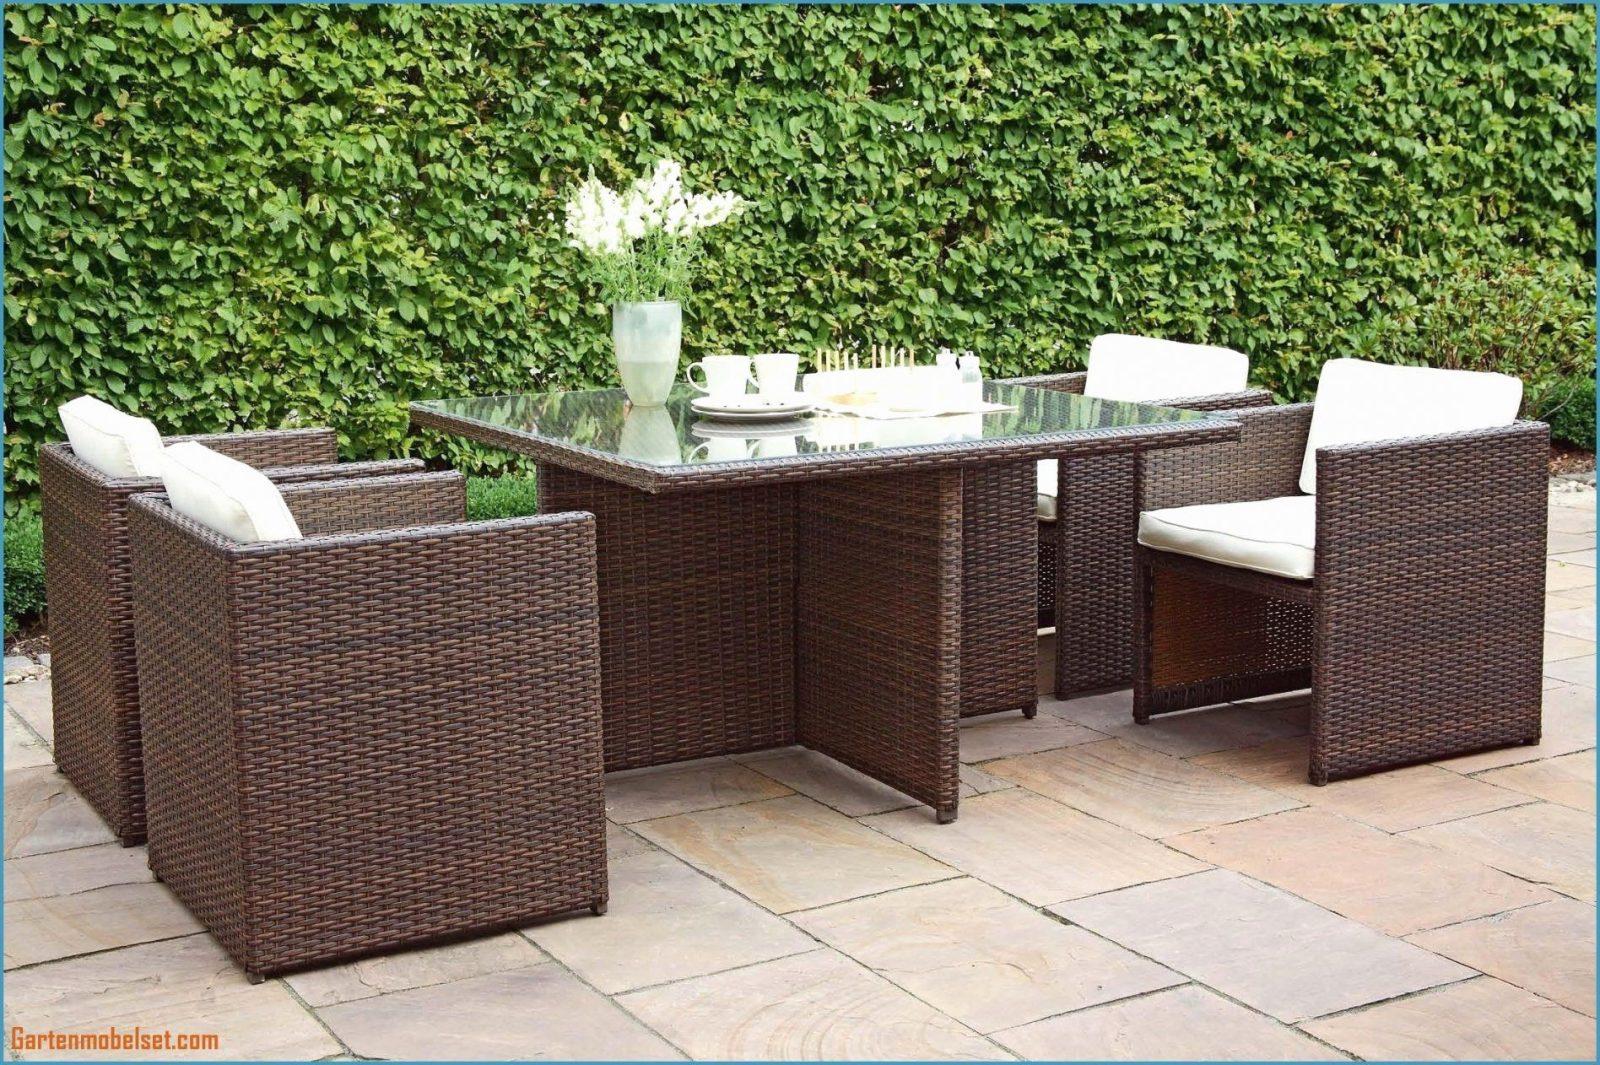 Mobel Kraft Gartenmobel A Casa Mia Gartenmöbel Intelligent Casa Mia von A Casa Mia Gartenmöbel Bild